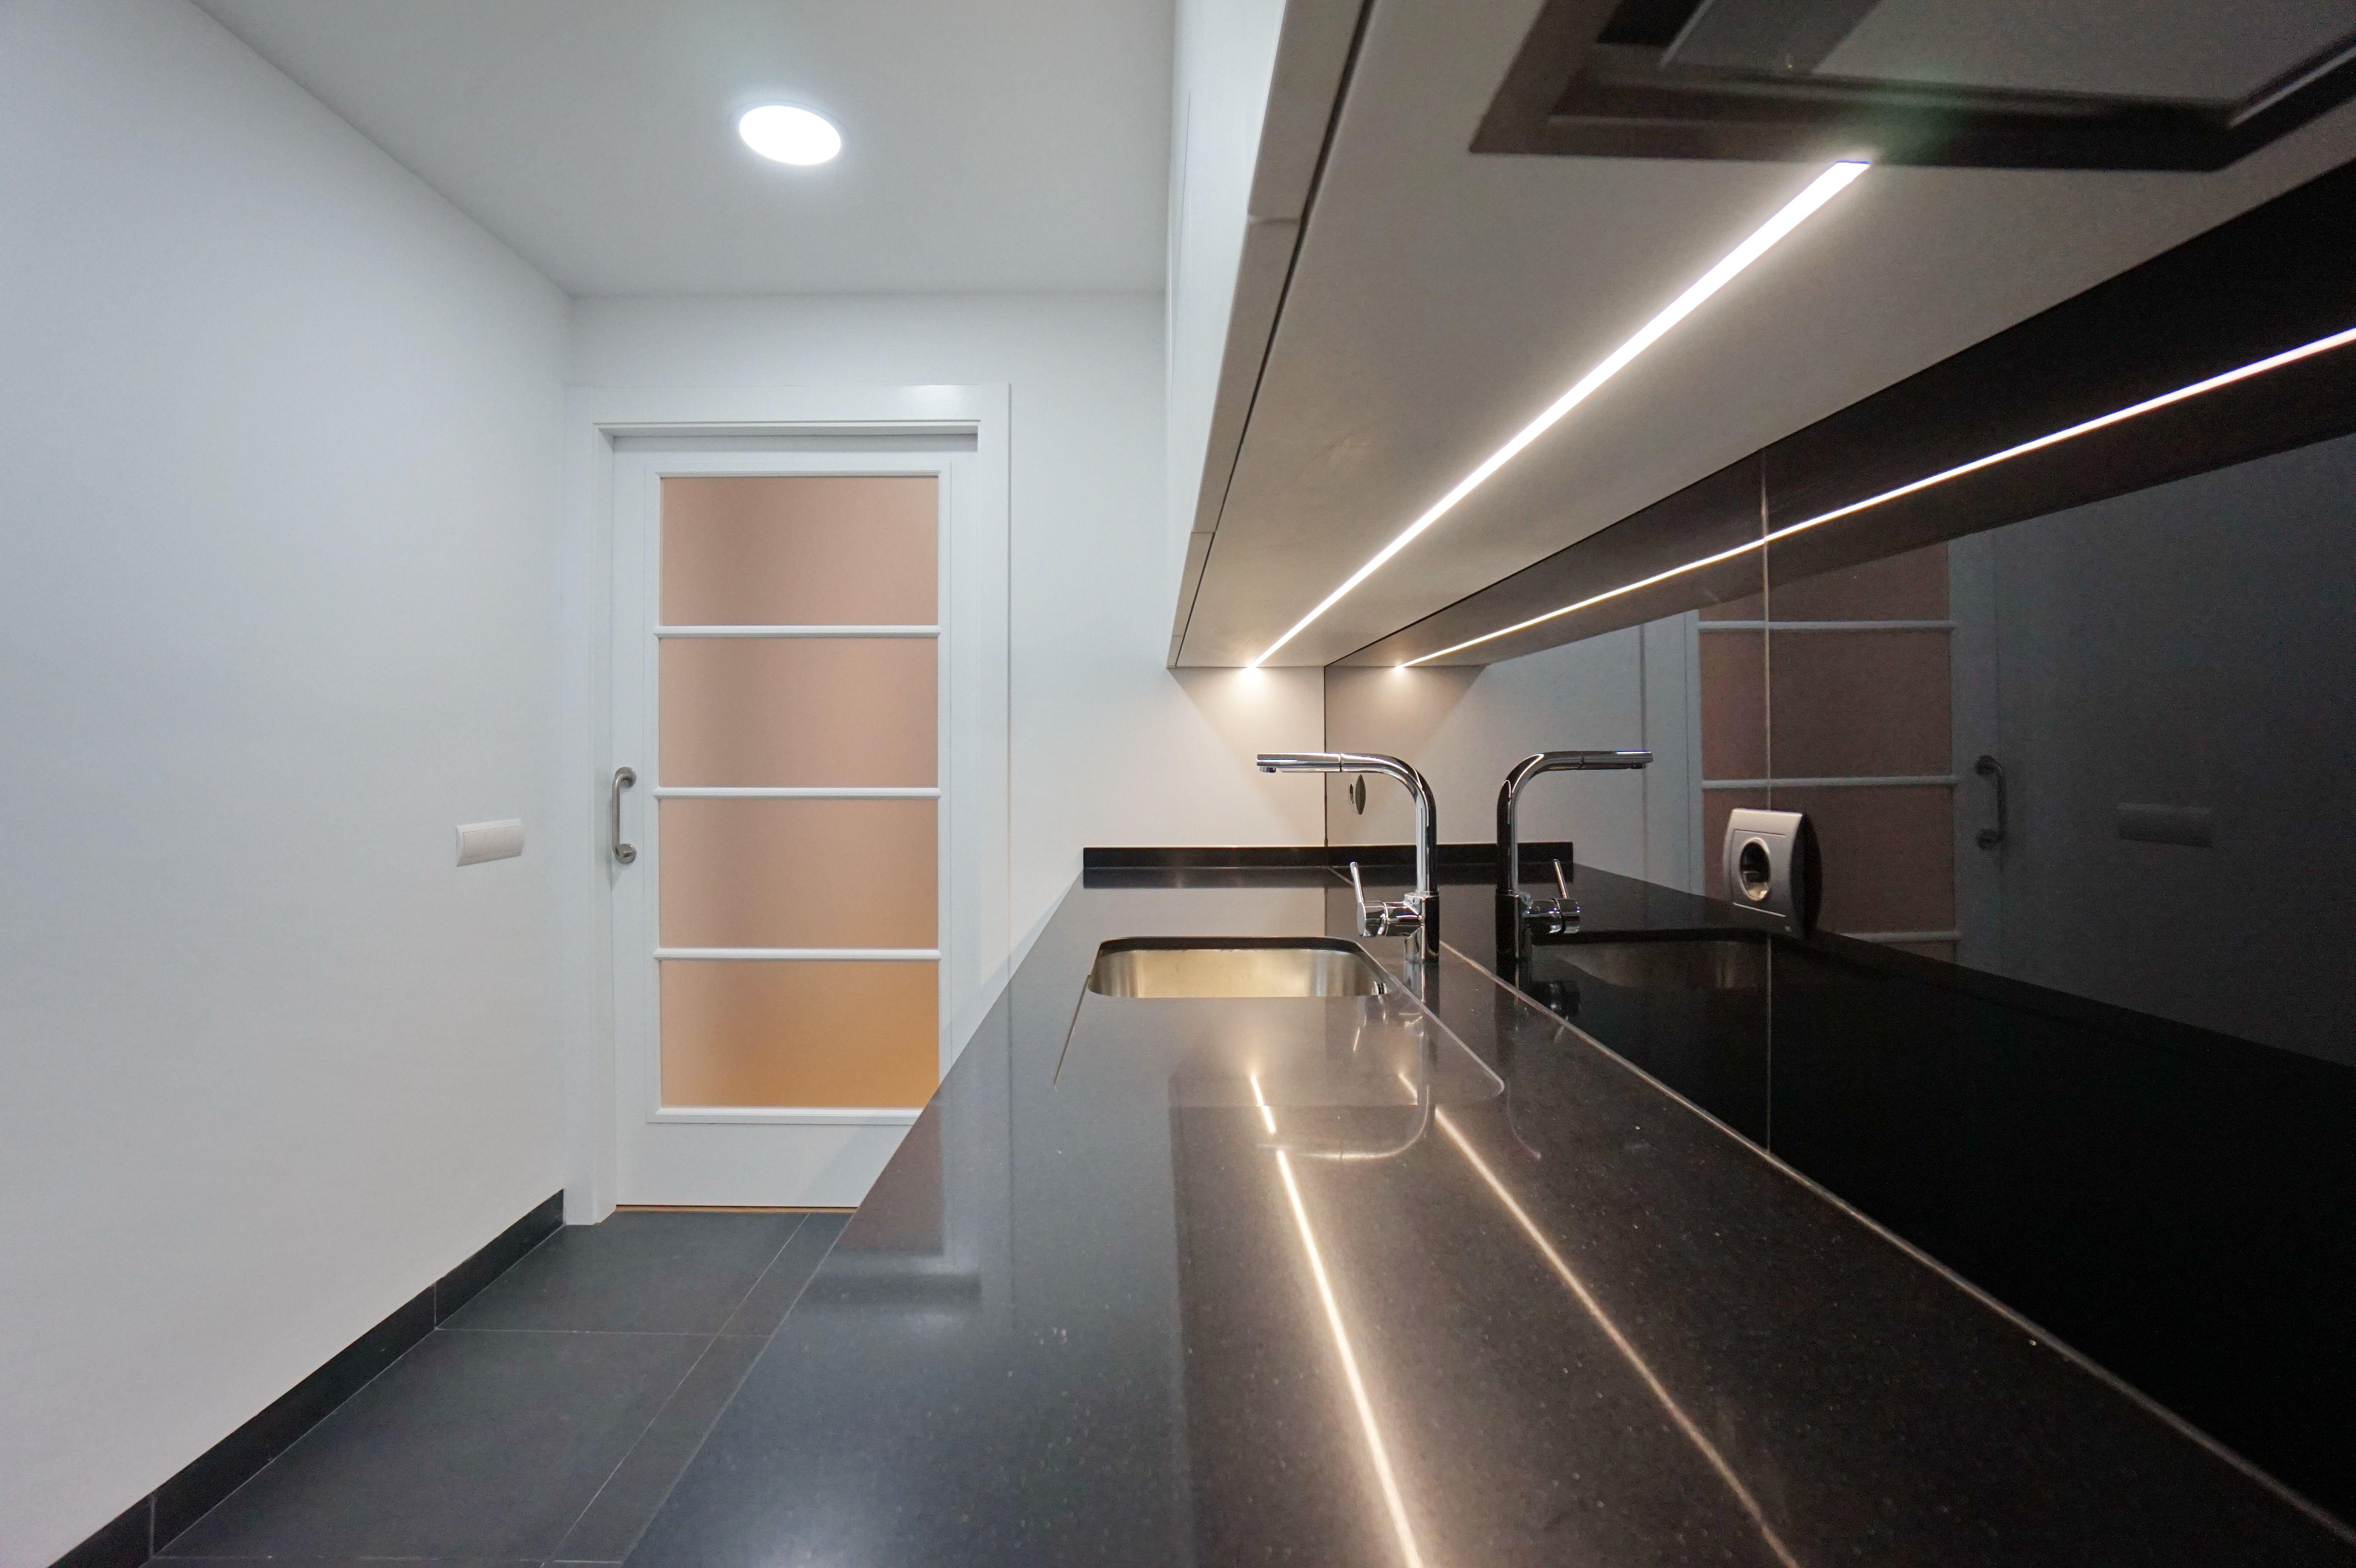 Precios de pisos en madrid beautiful el barrio de hortaleza tambin ha visto de cerca la crisis - Reformar un piso precio ...